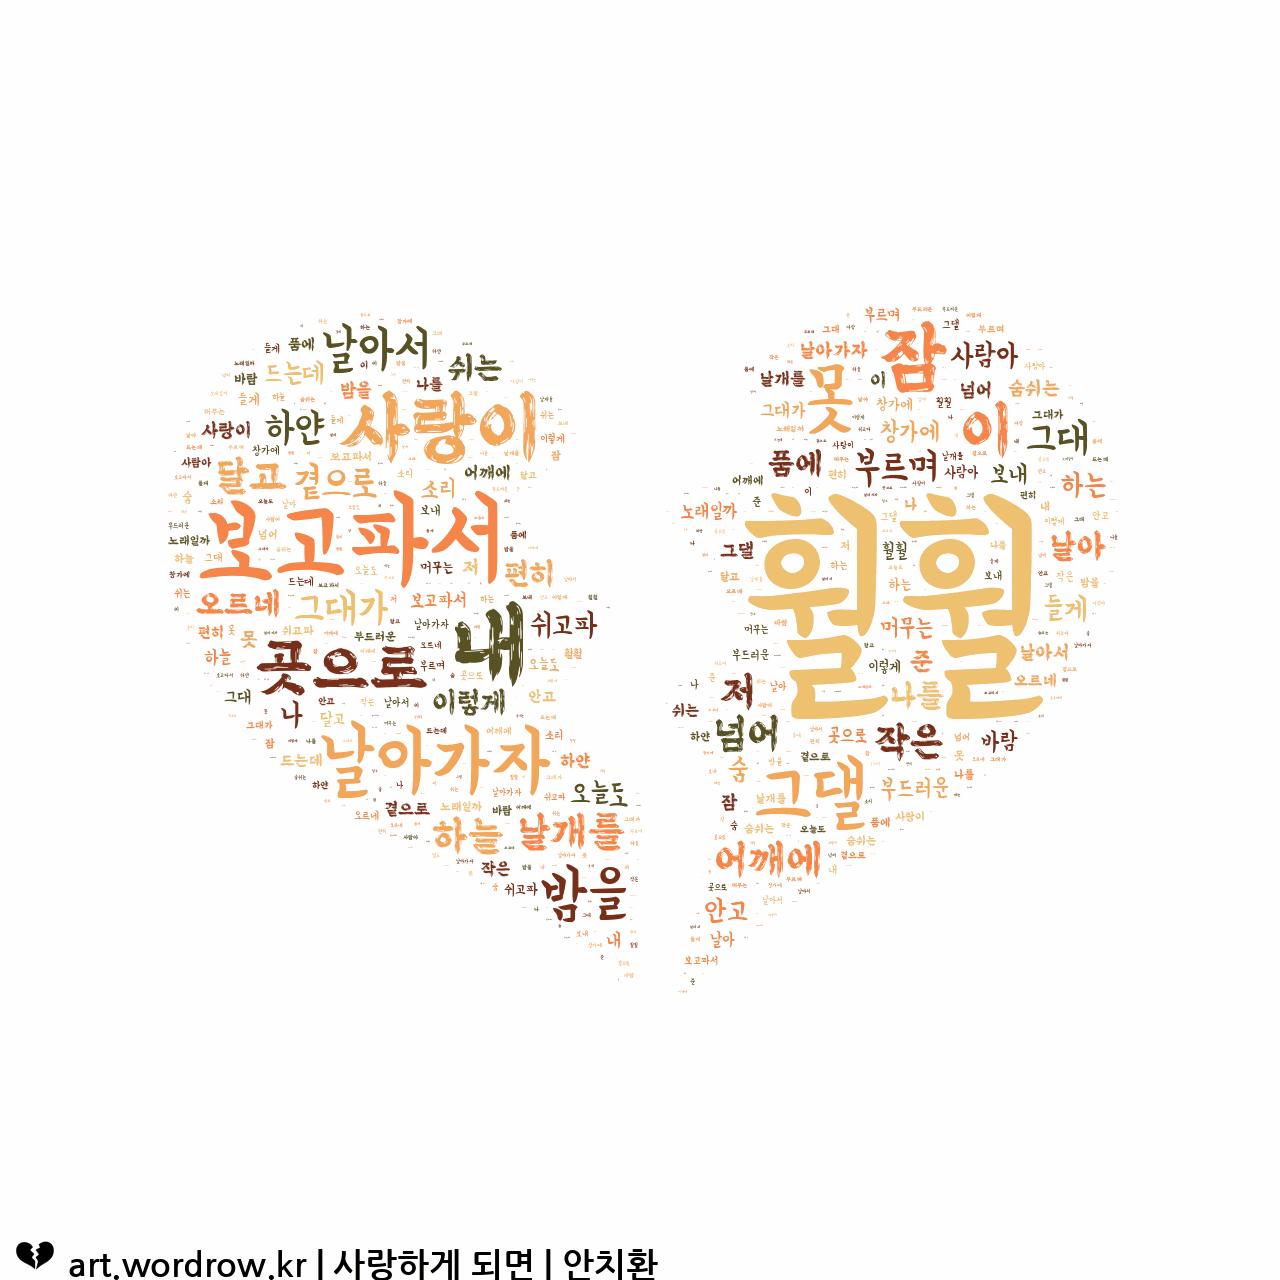 워드 클라우드: 사랑하게 되면 [안치환]-47